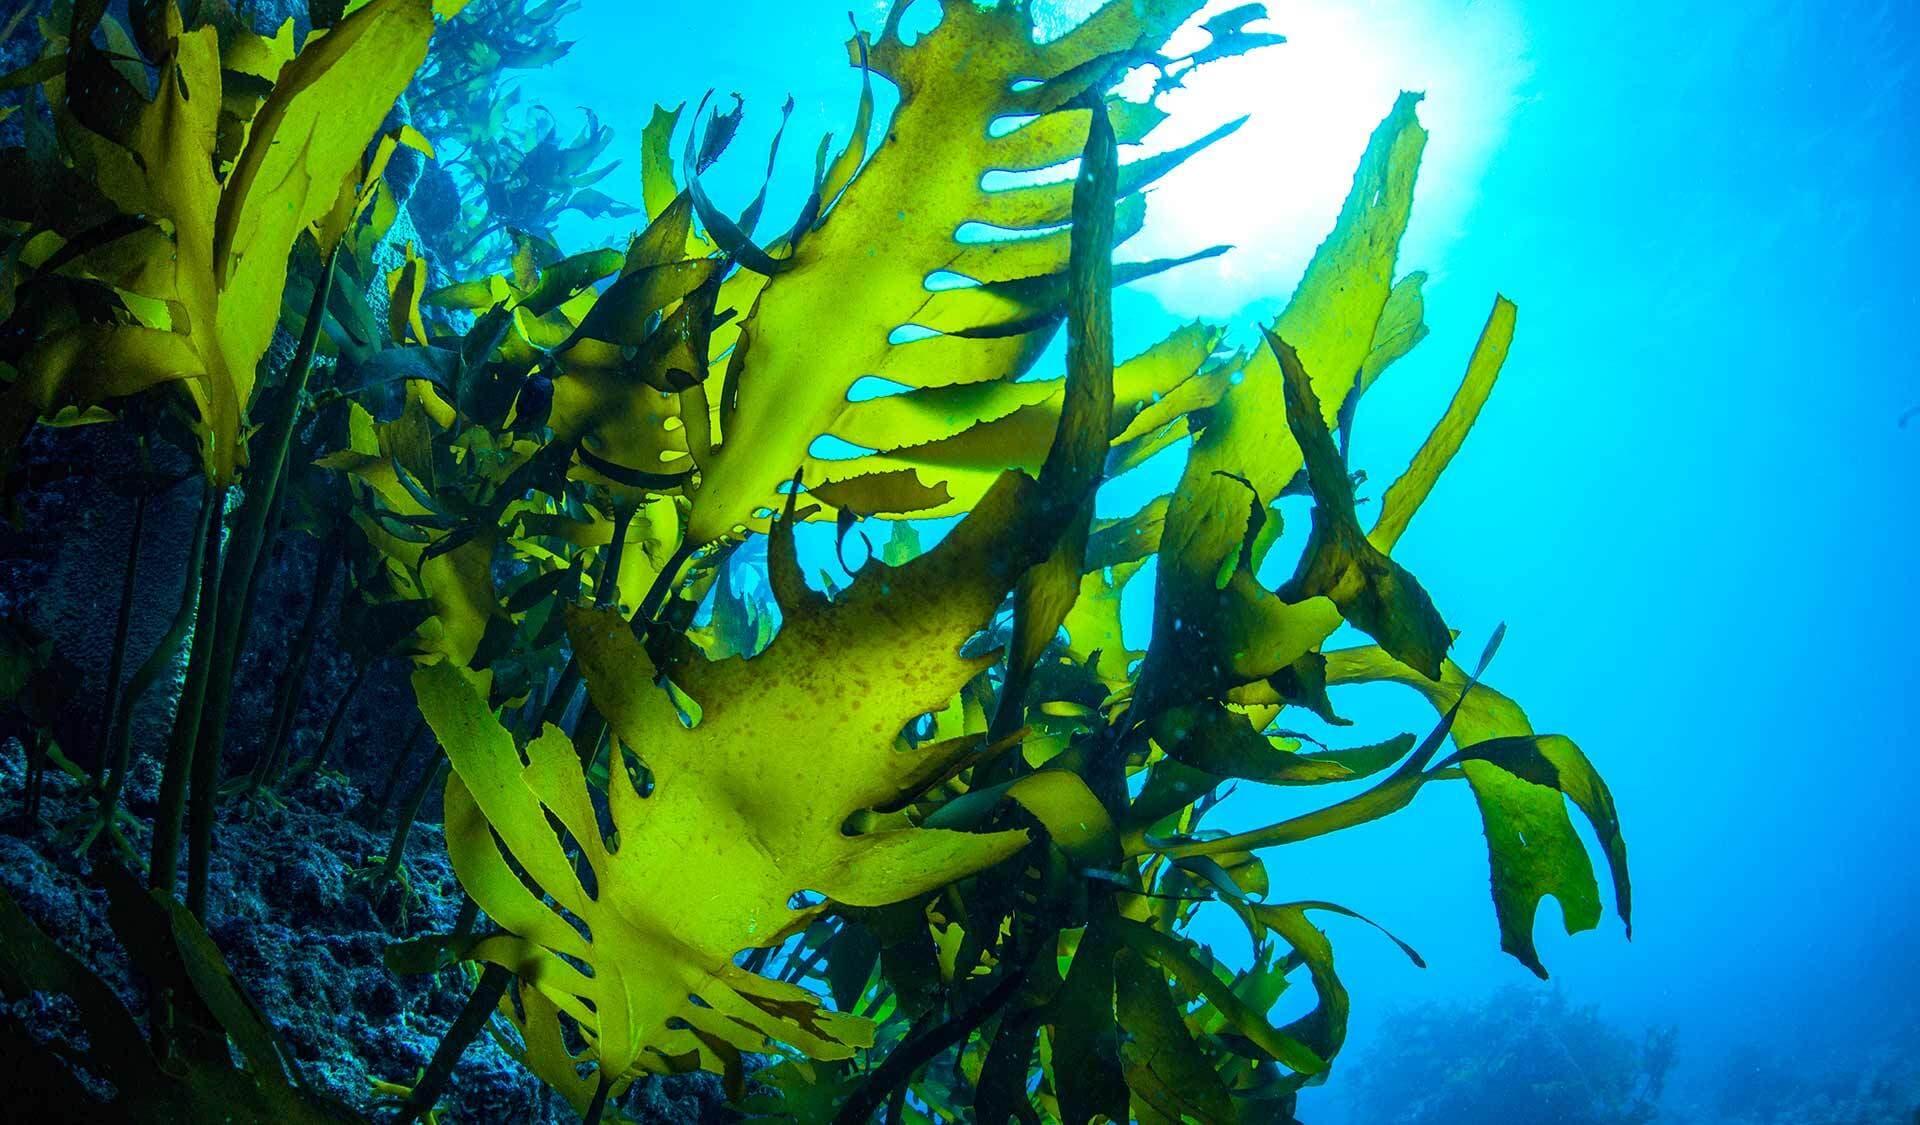 Grüner Tang bewegt sich am Meeresboden in der Strömung.